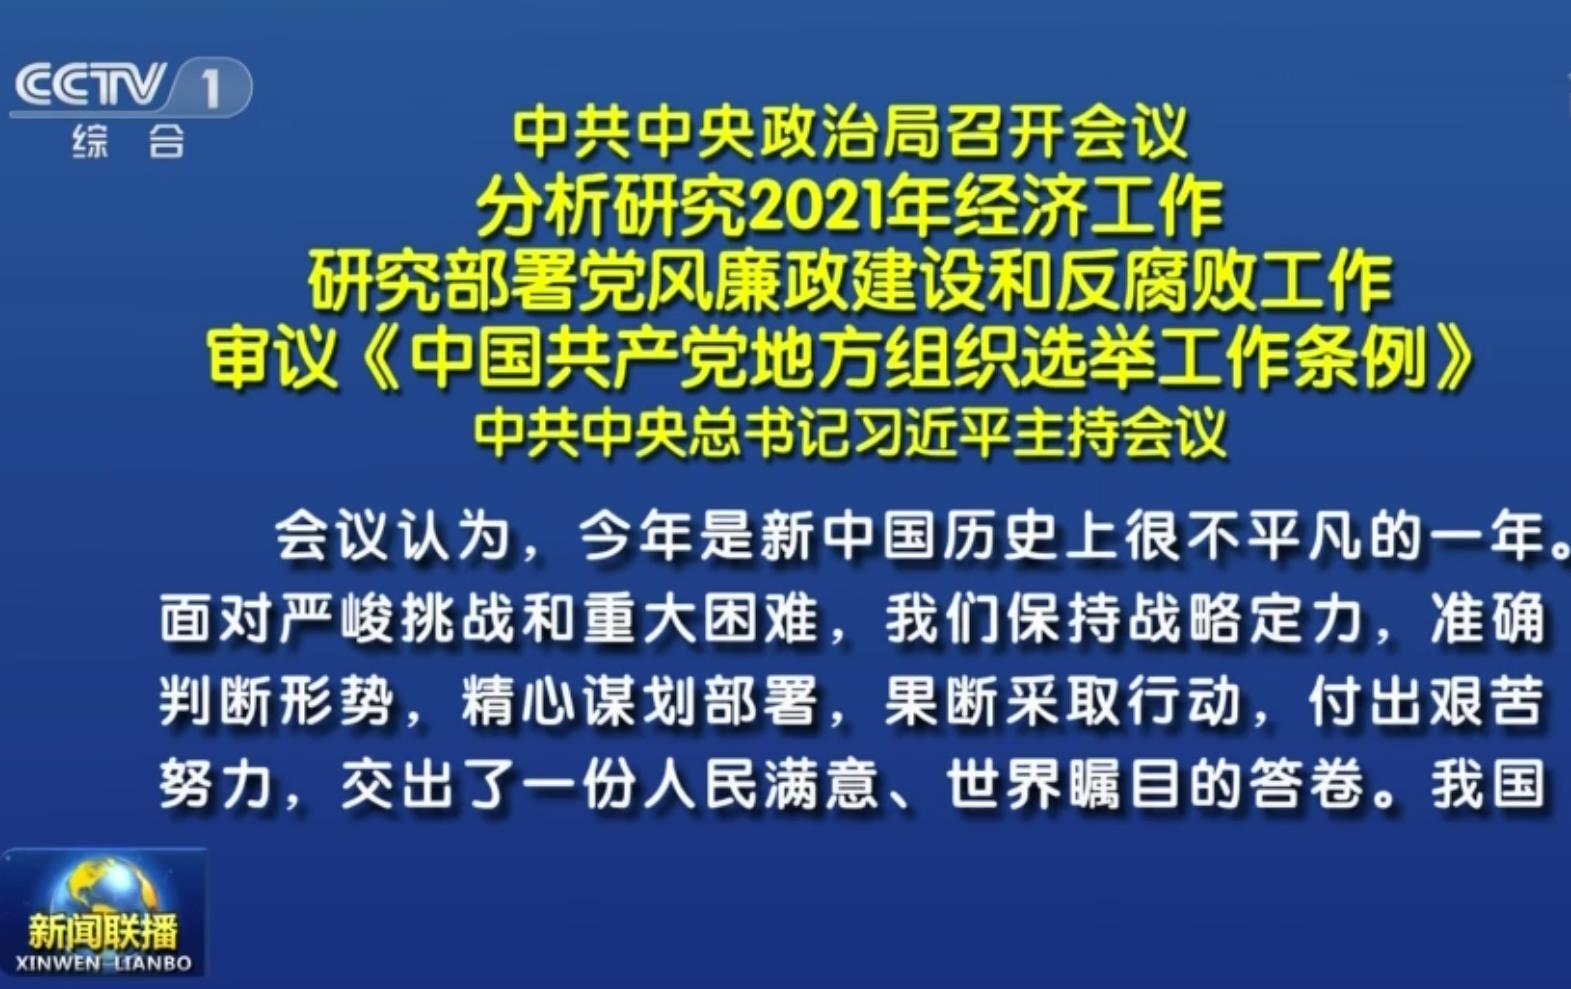 习近平主持中央政治局会议 分析研究2021年经济工作 研究部署党风廉政建设和反腐败工作 审议《中国共产党地方组织选举工作条例》